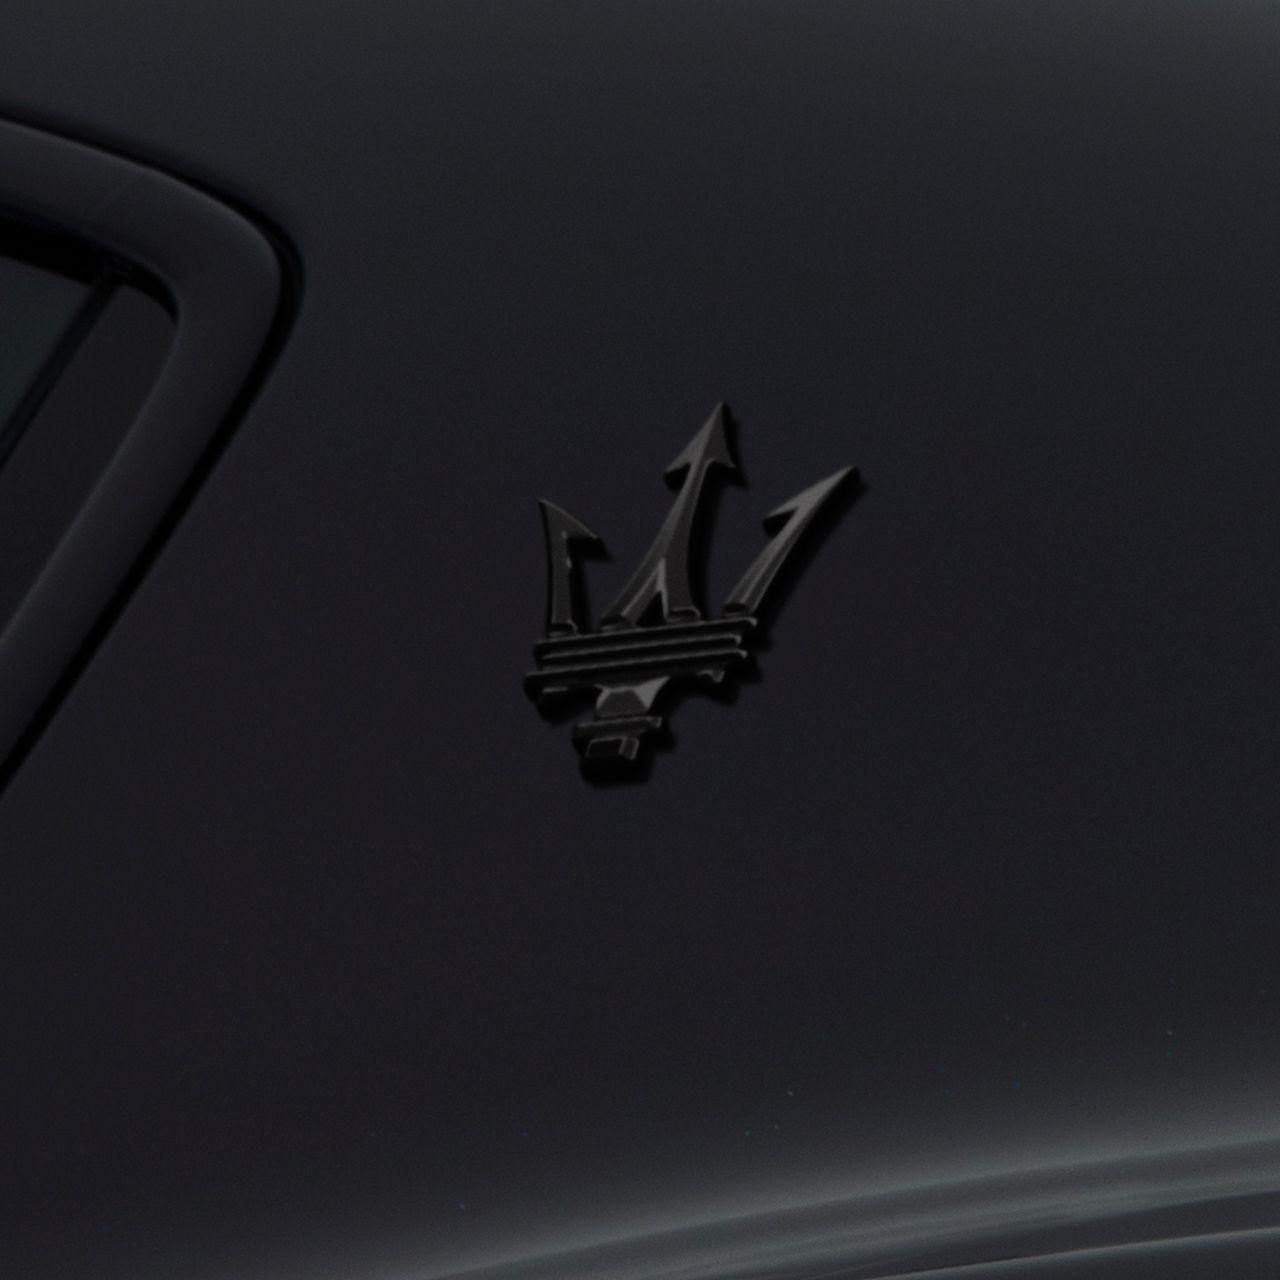 Maserati Ghibli - Maserati Logo